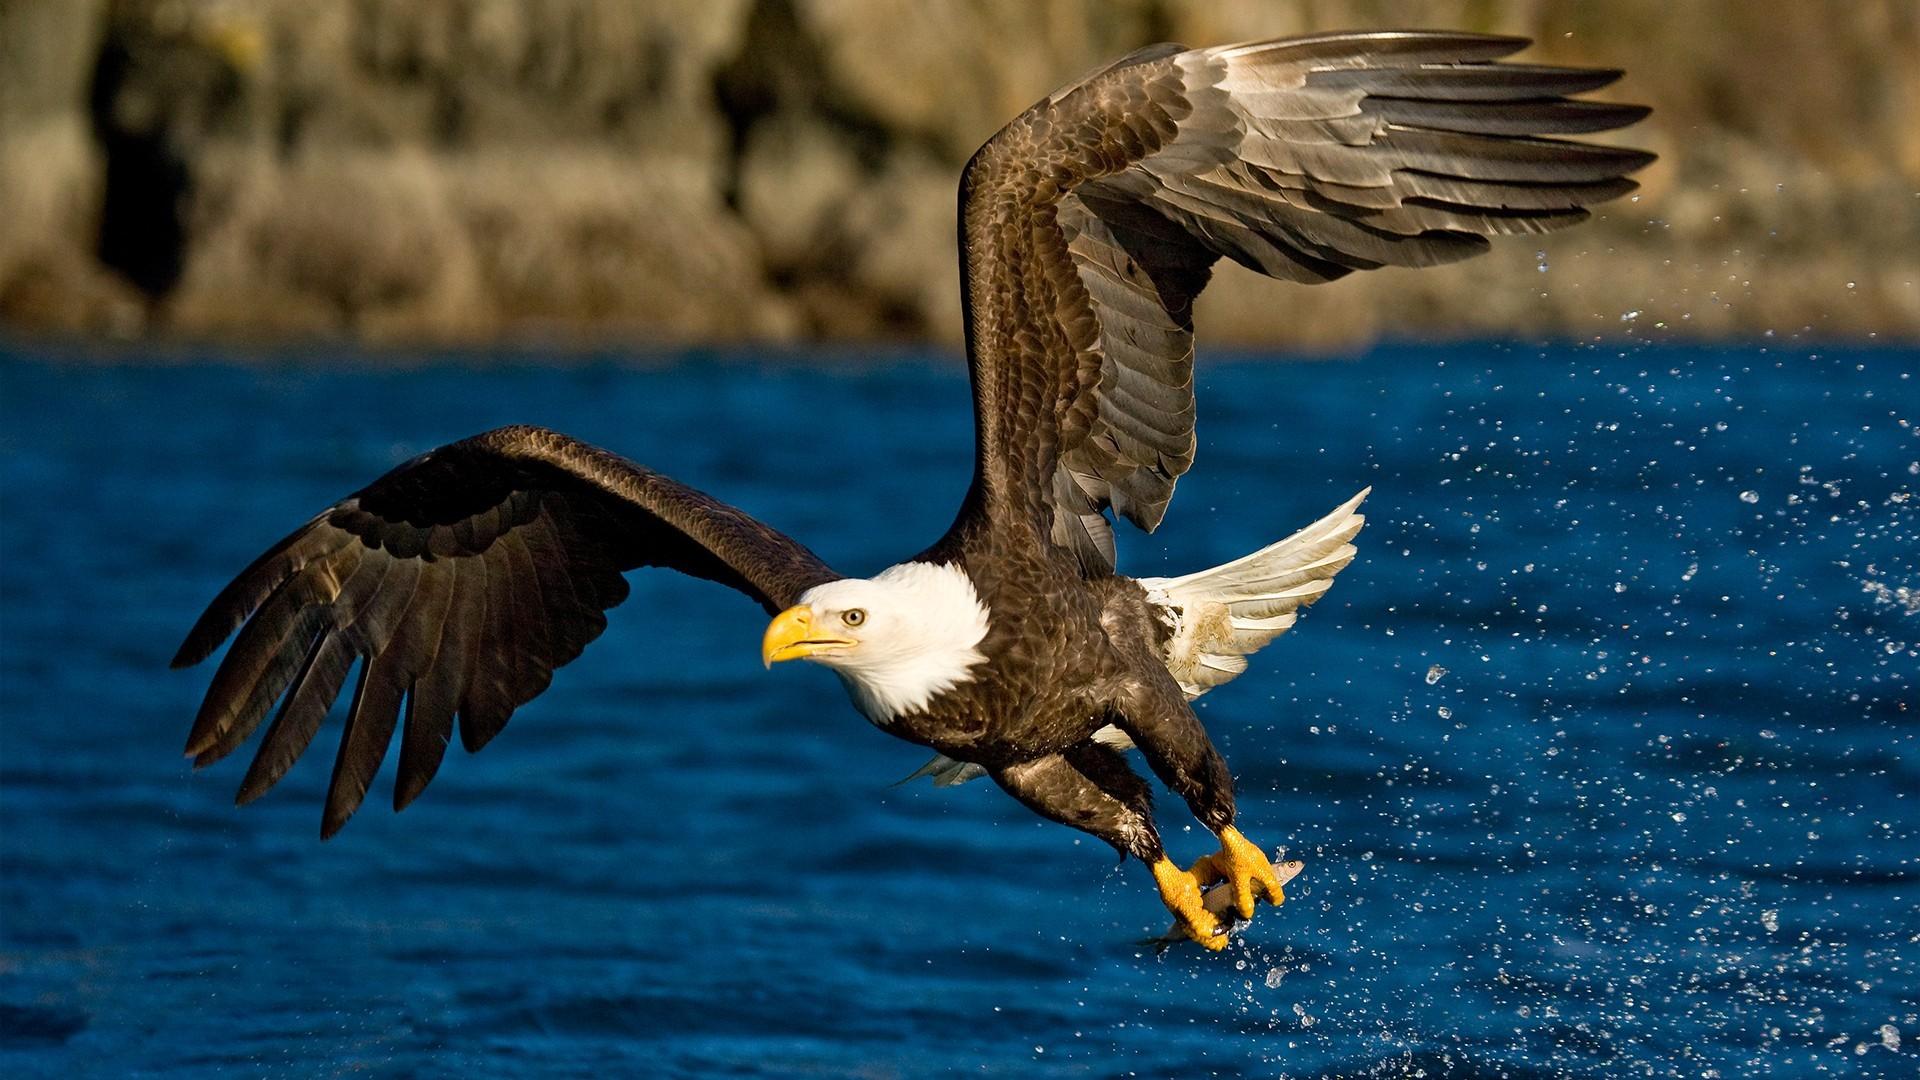 animals eagle birds freedom glider water